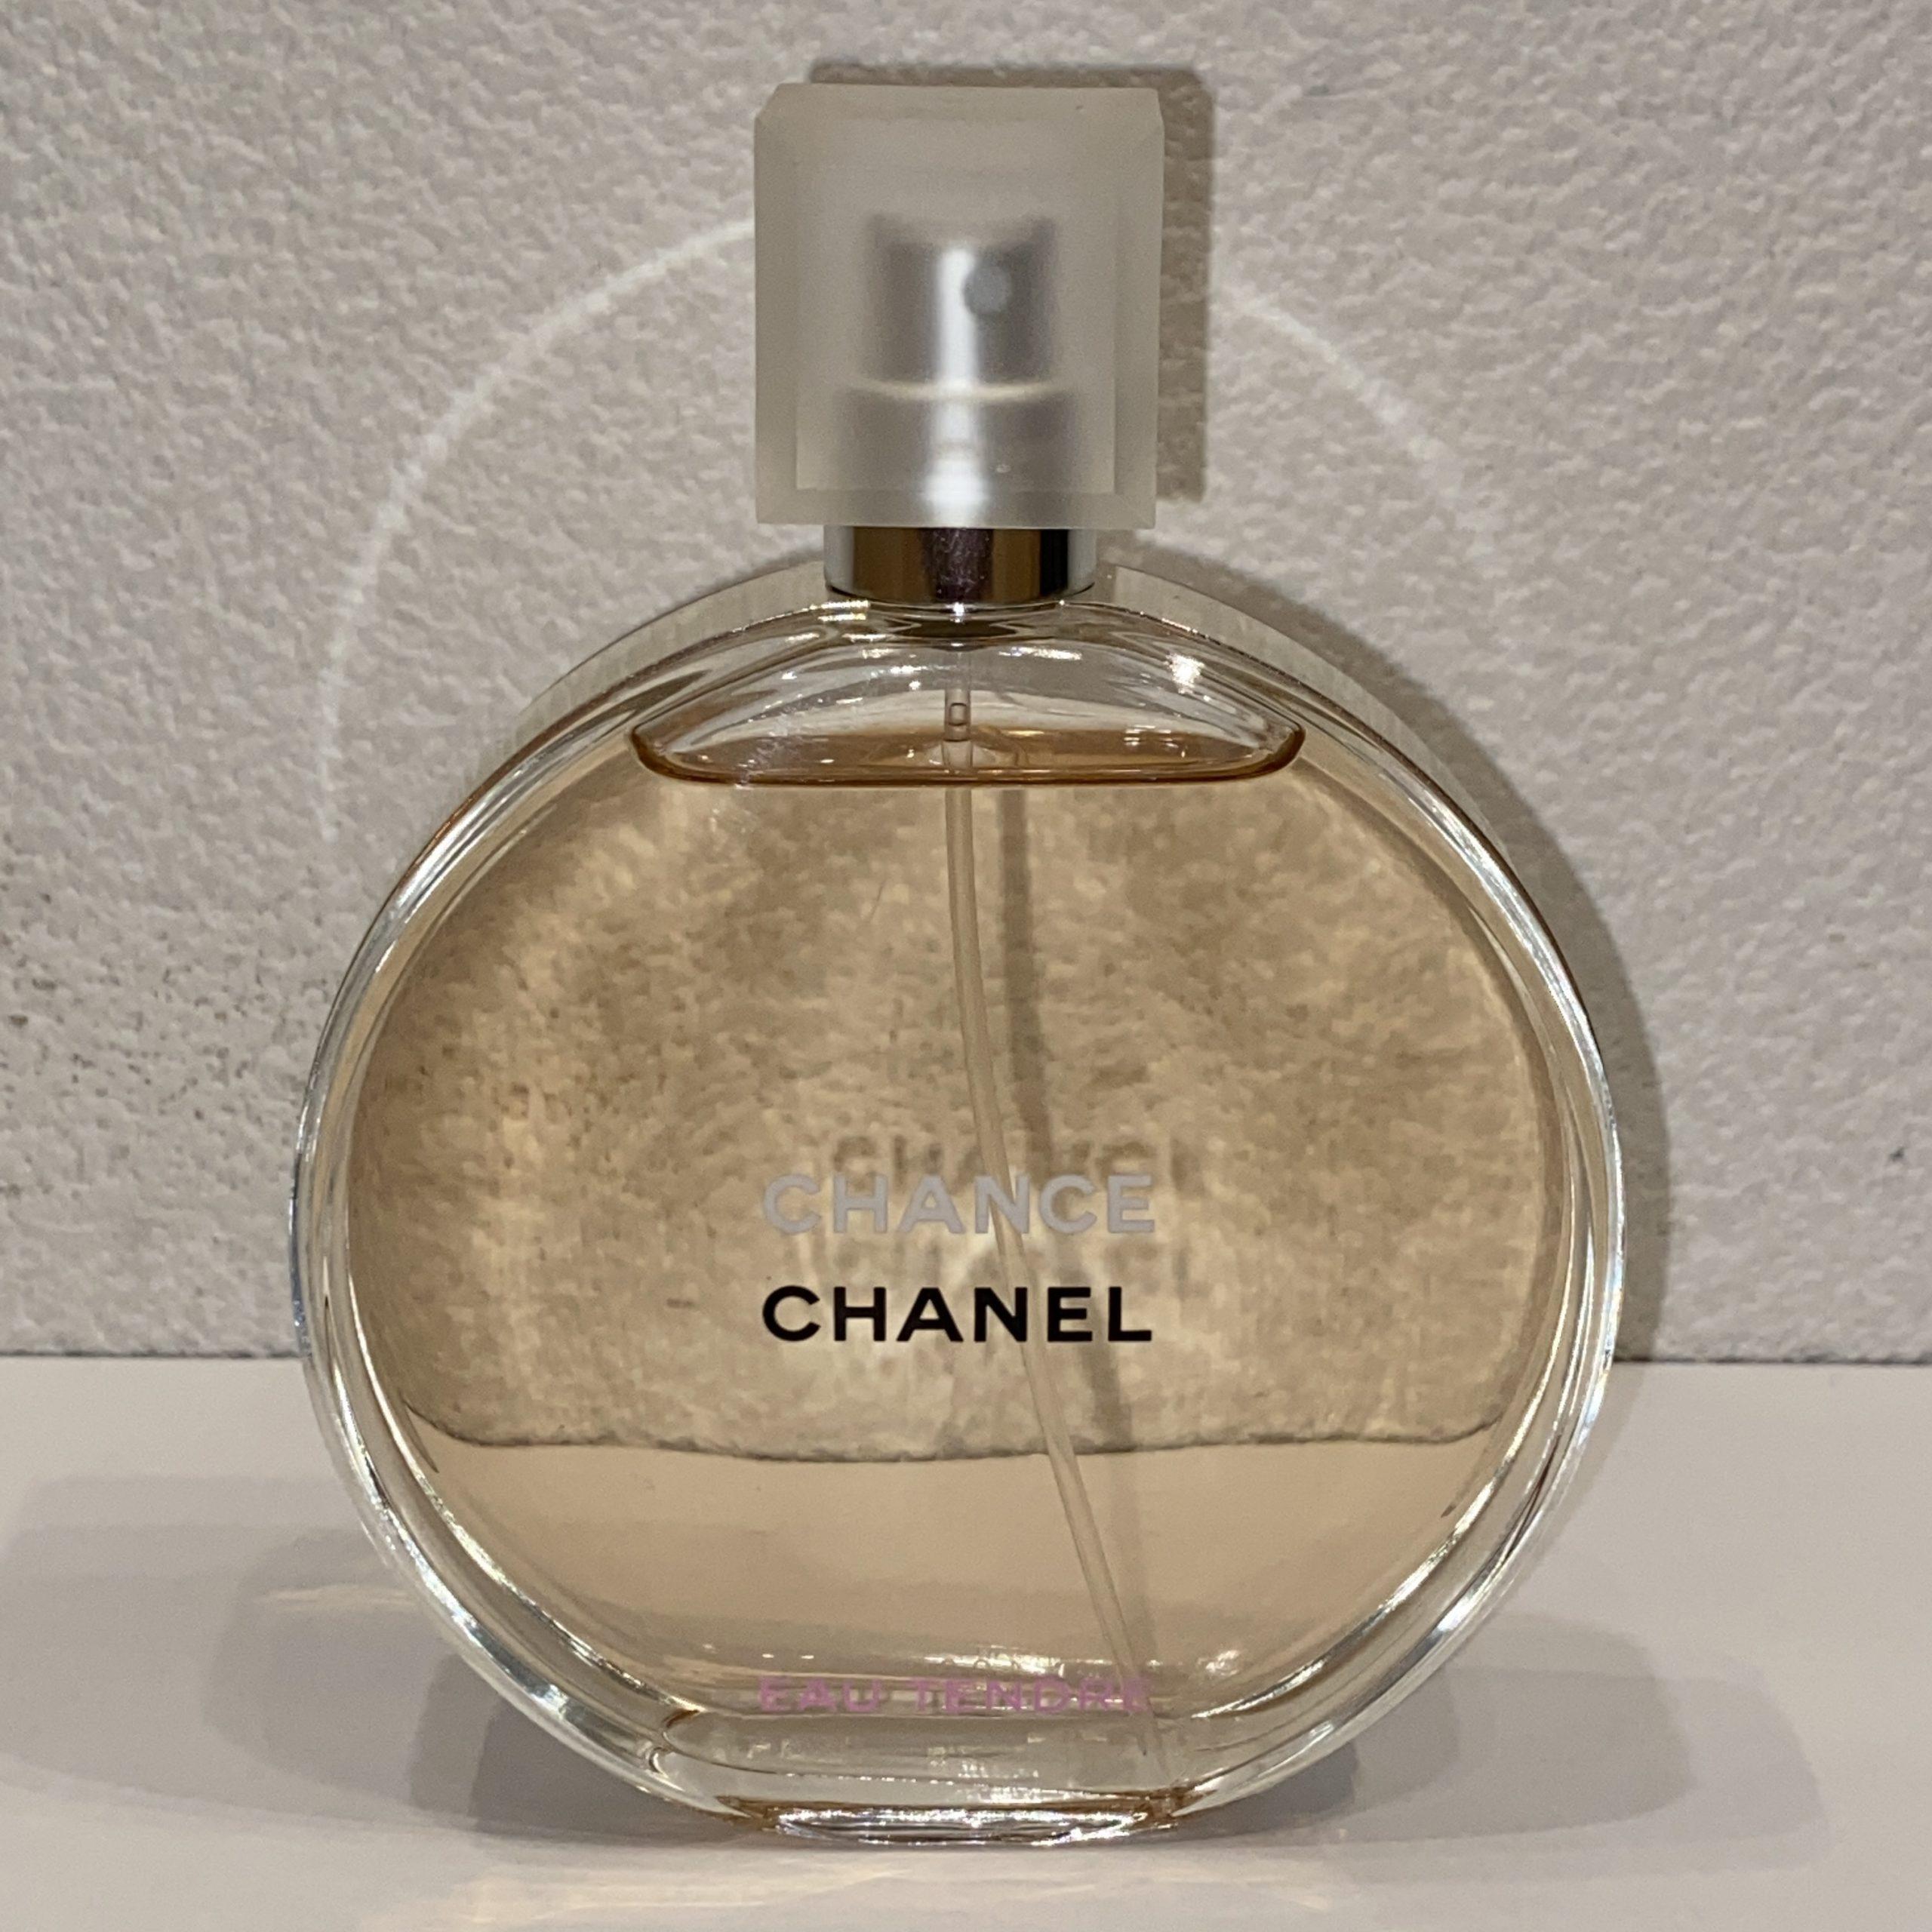 【CHANEL/シャネル】CHANCE/チャンス EDT/オードトワレ 100ml